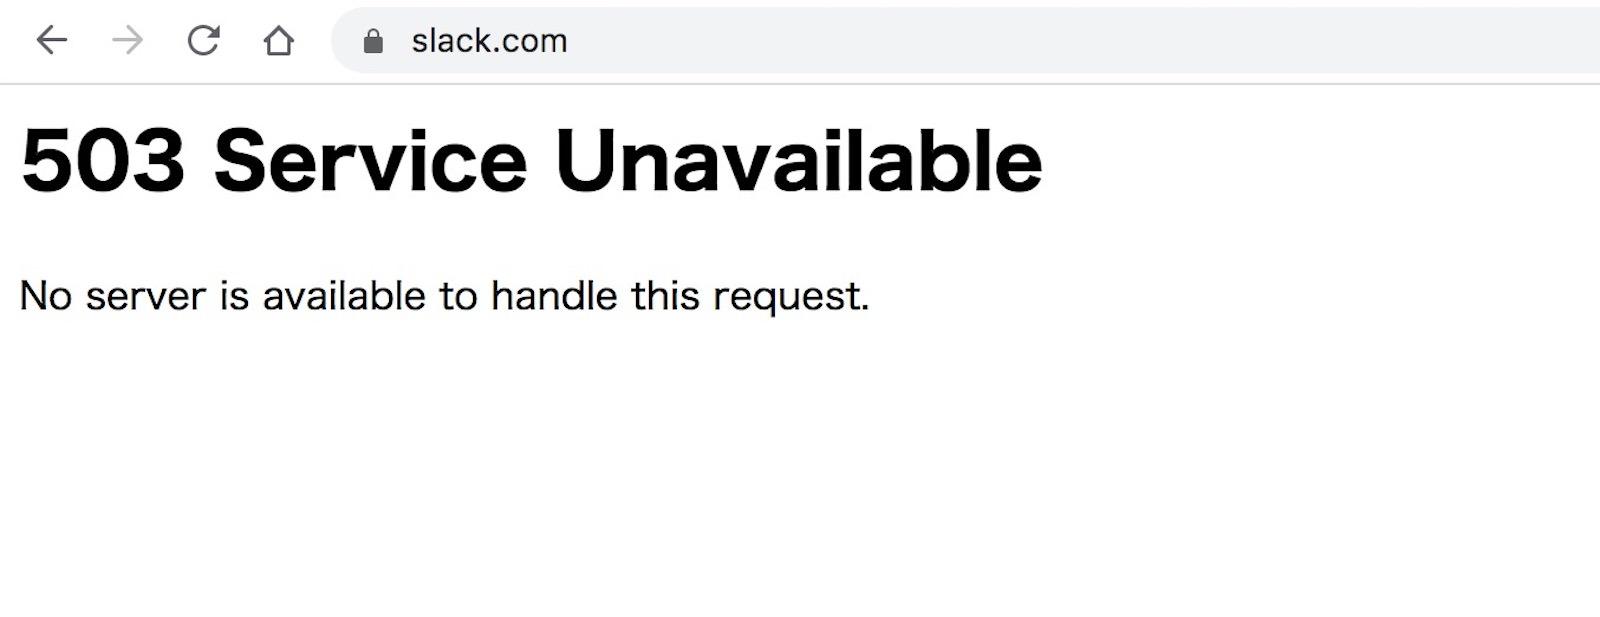 Slack site is down